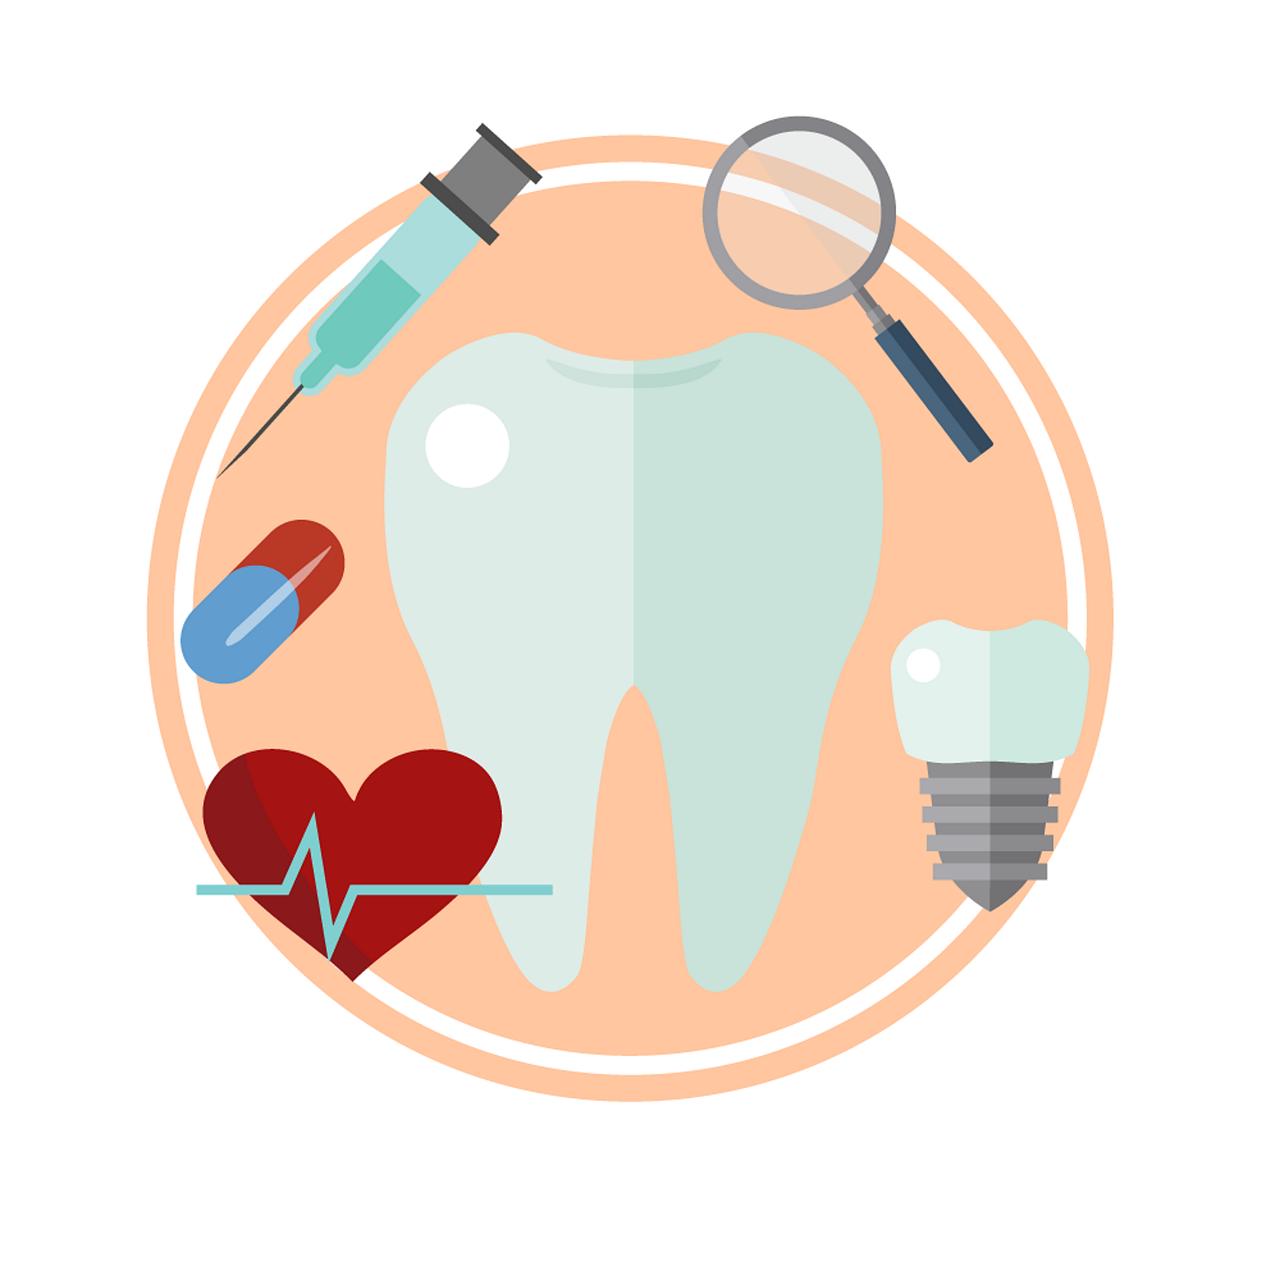 Zahnimplantate – Risiken und Vorteile